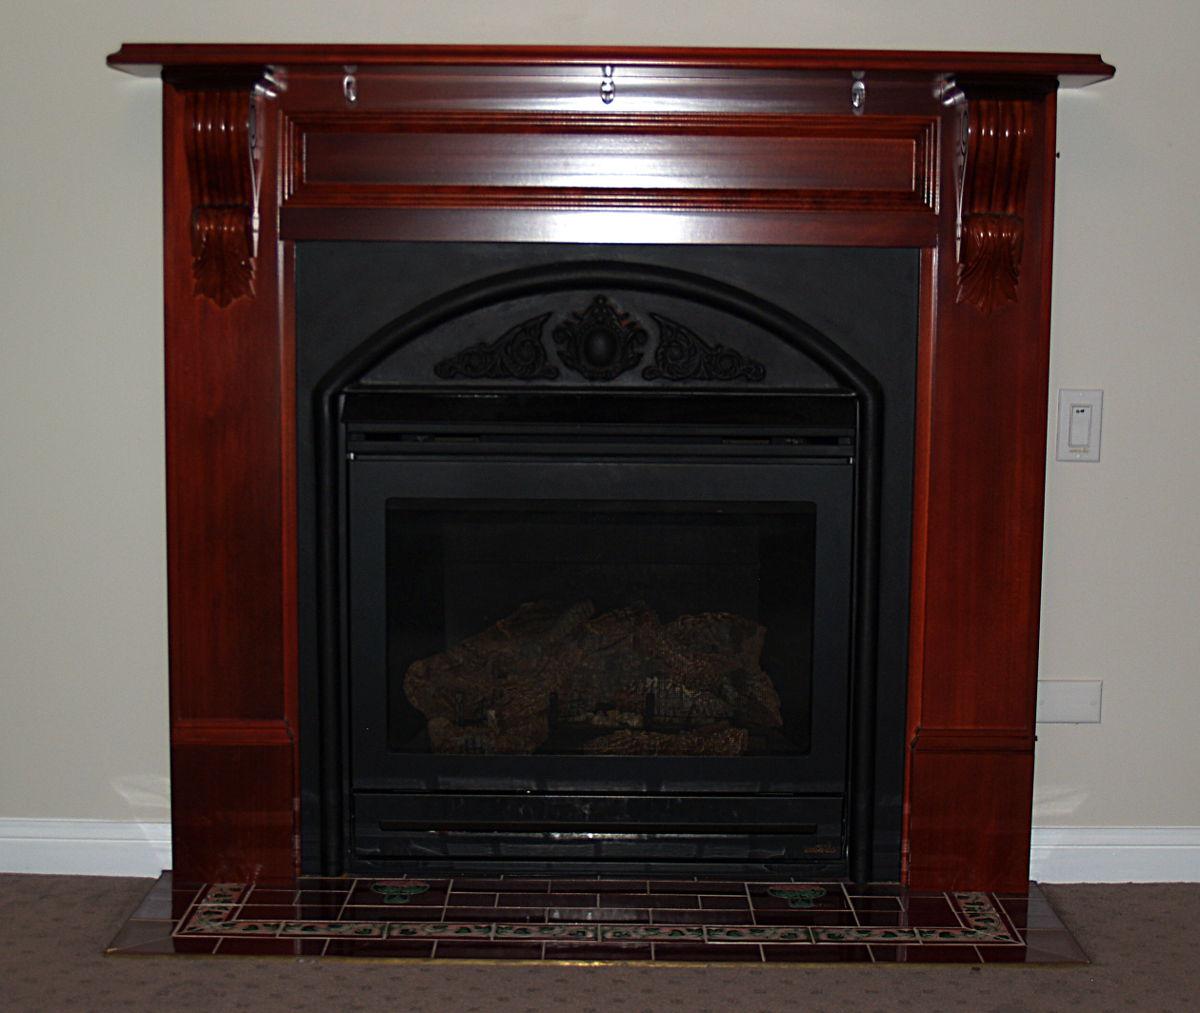 91 Fireplace Glass Replacement Samodzielne Zaplanuj Wbudowanie Biokominka W Every Fireplace